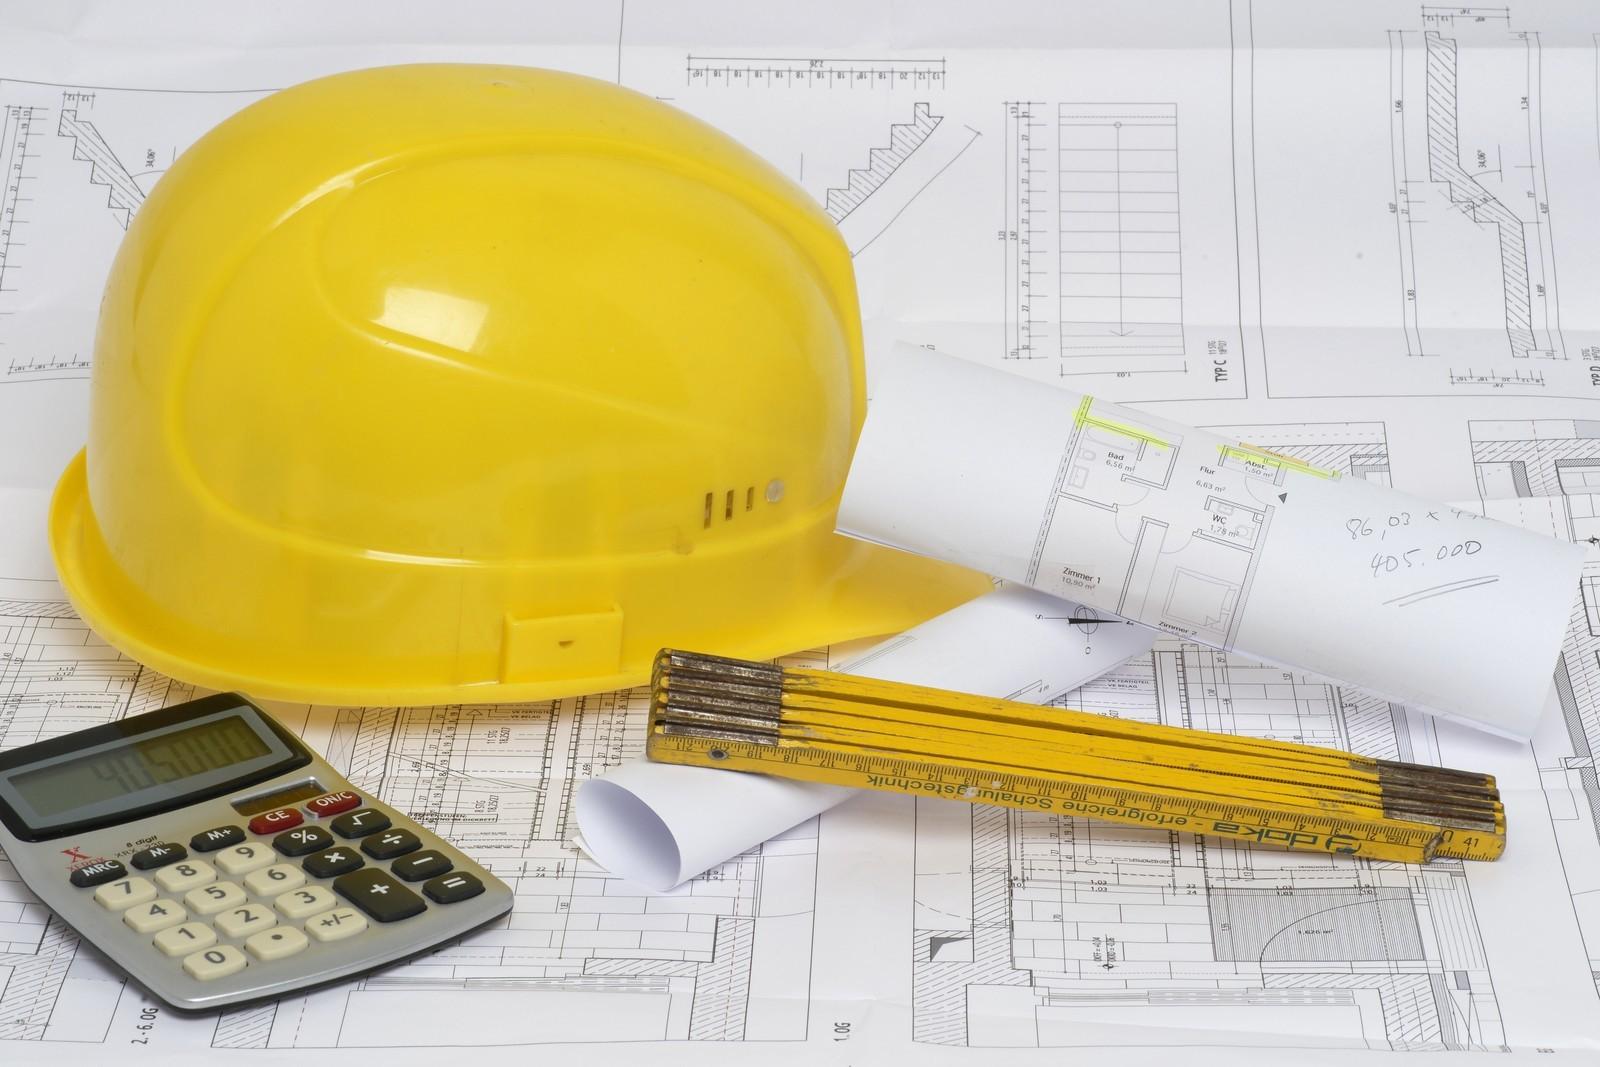 bauvertragsrecht ab januar 2018 wird die baubeschreibung bei verbraucherbauvertrgen pflicht - Baubeschreibung Muster Kostenlos